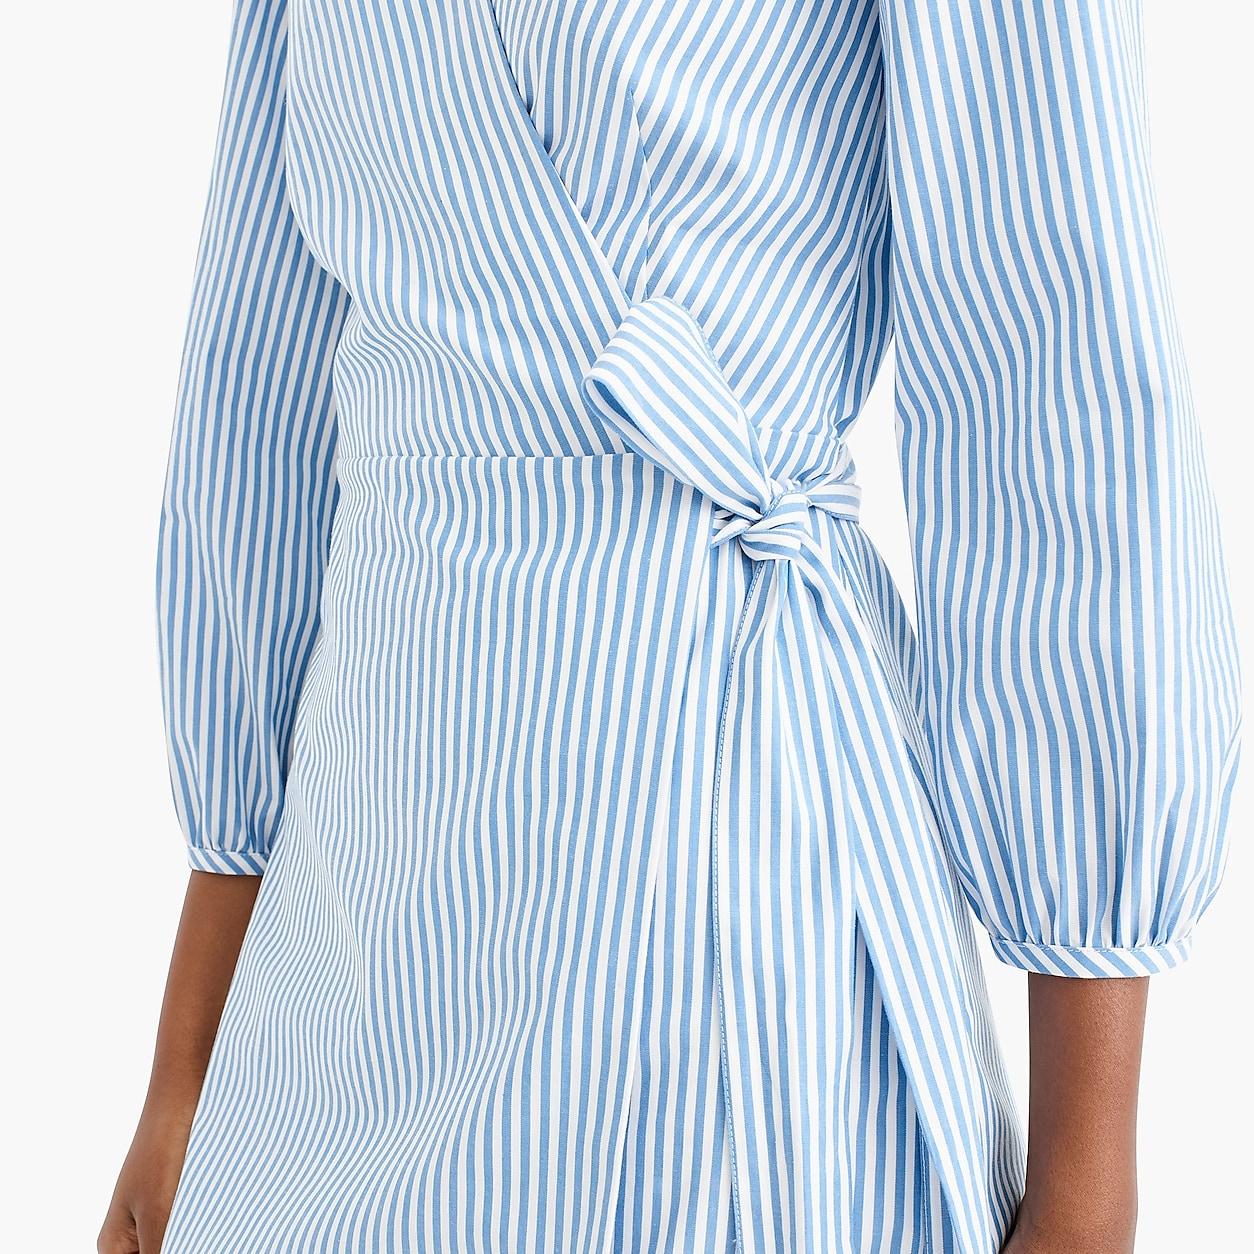 Wrap Dress In Striped Cotton Poplin Wrap Dress Tall Wrap Dress Cotton Poplin [ 1254 x 1254 Pixel ]